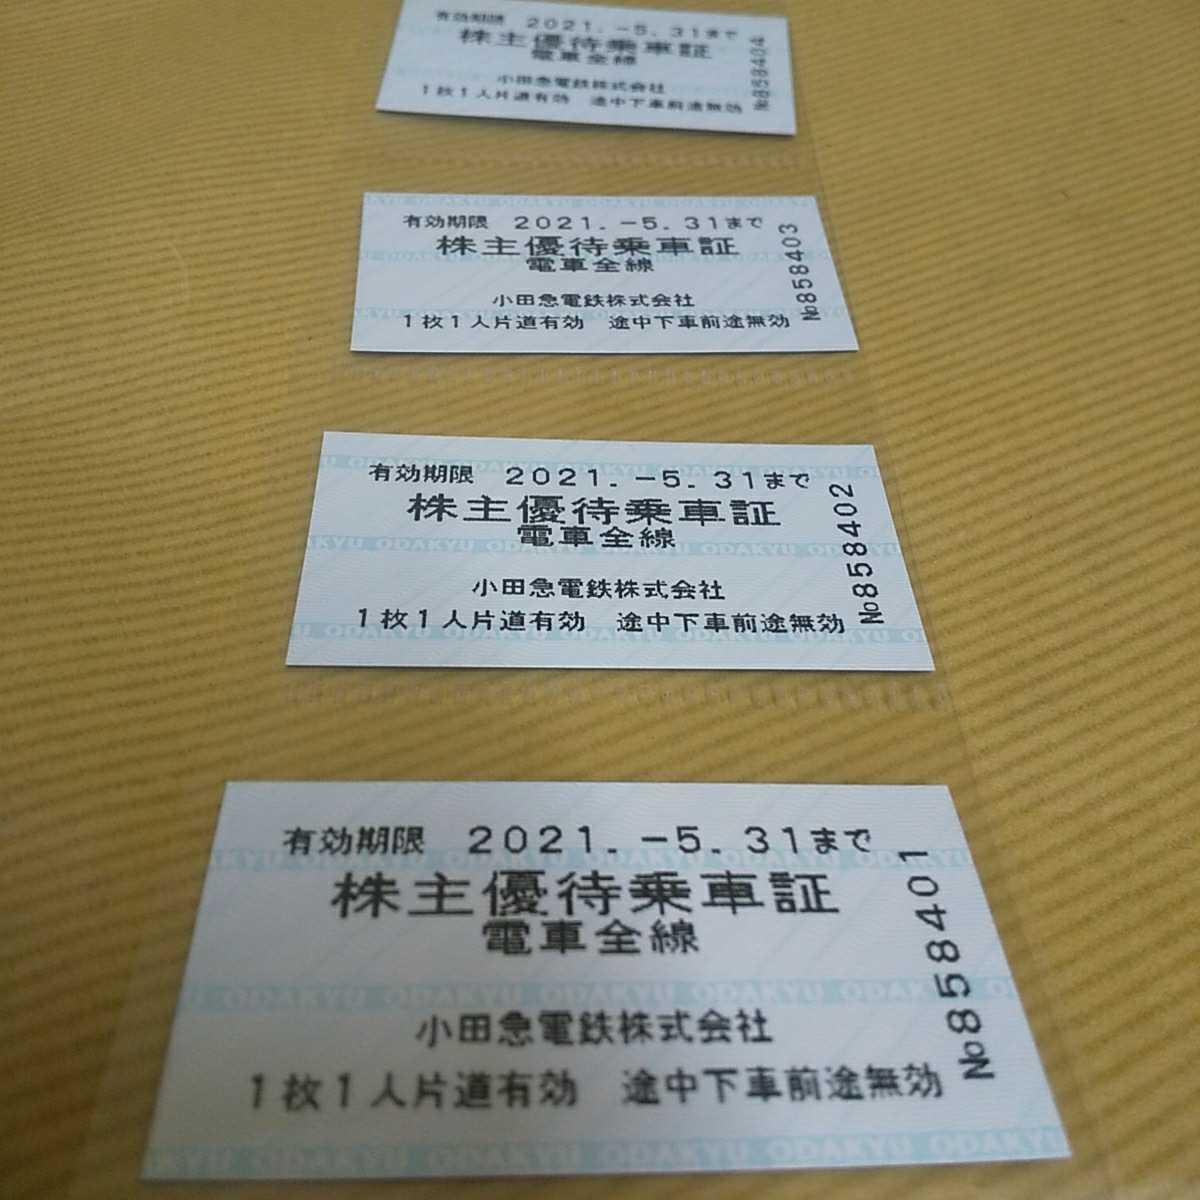 未使用 小田急電鉄 株主優待乗車証 電車全線 有効期限 2021年 5月31日 迄 4枚セット_画像2